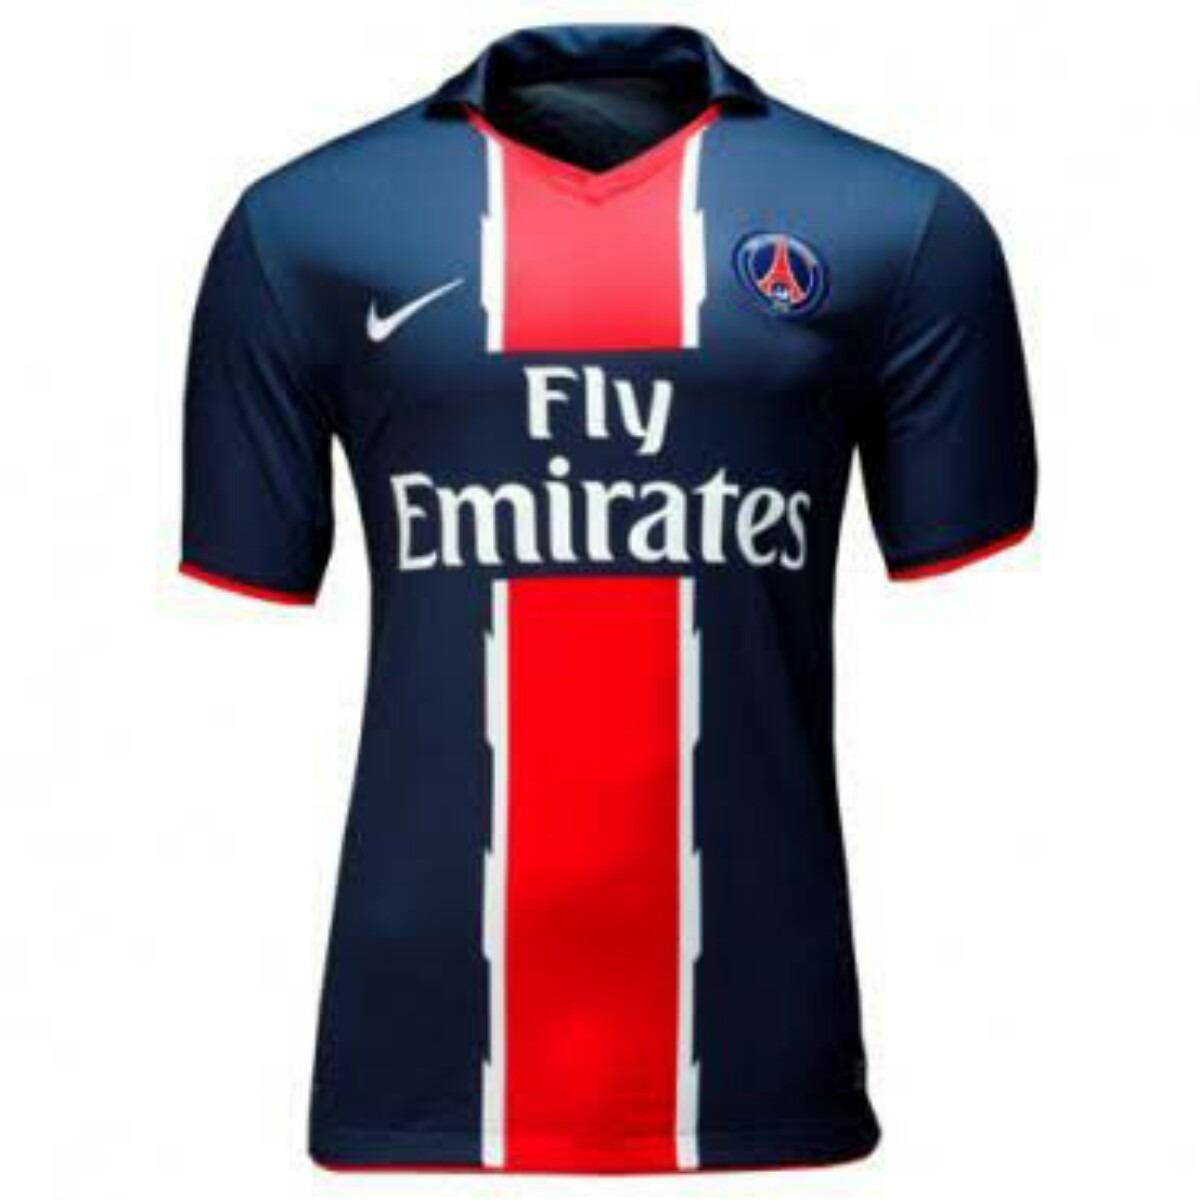 Todas las camisetas de fútbol mejores uniformes de fútbol